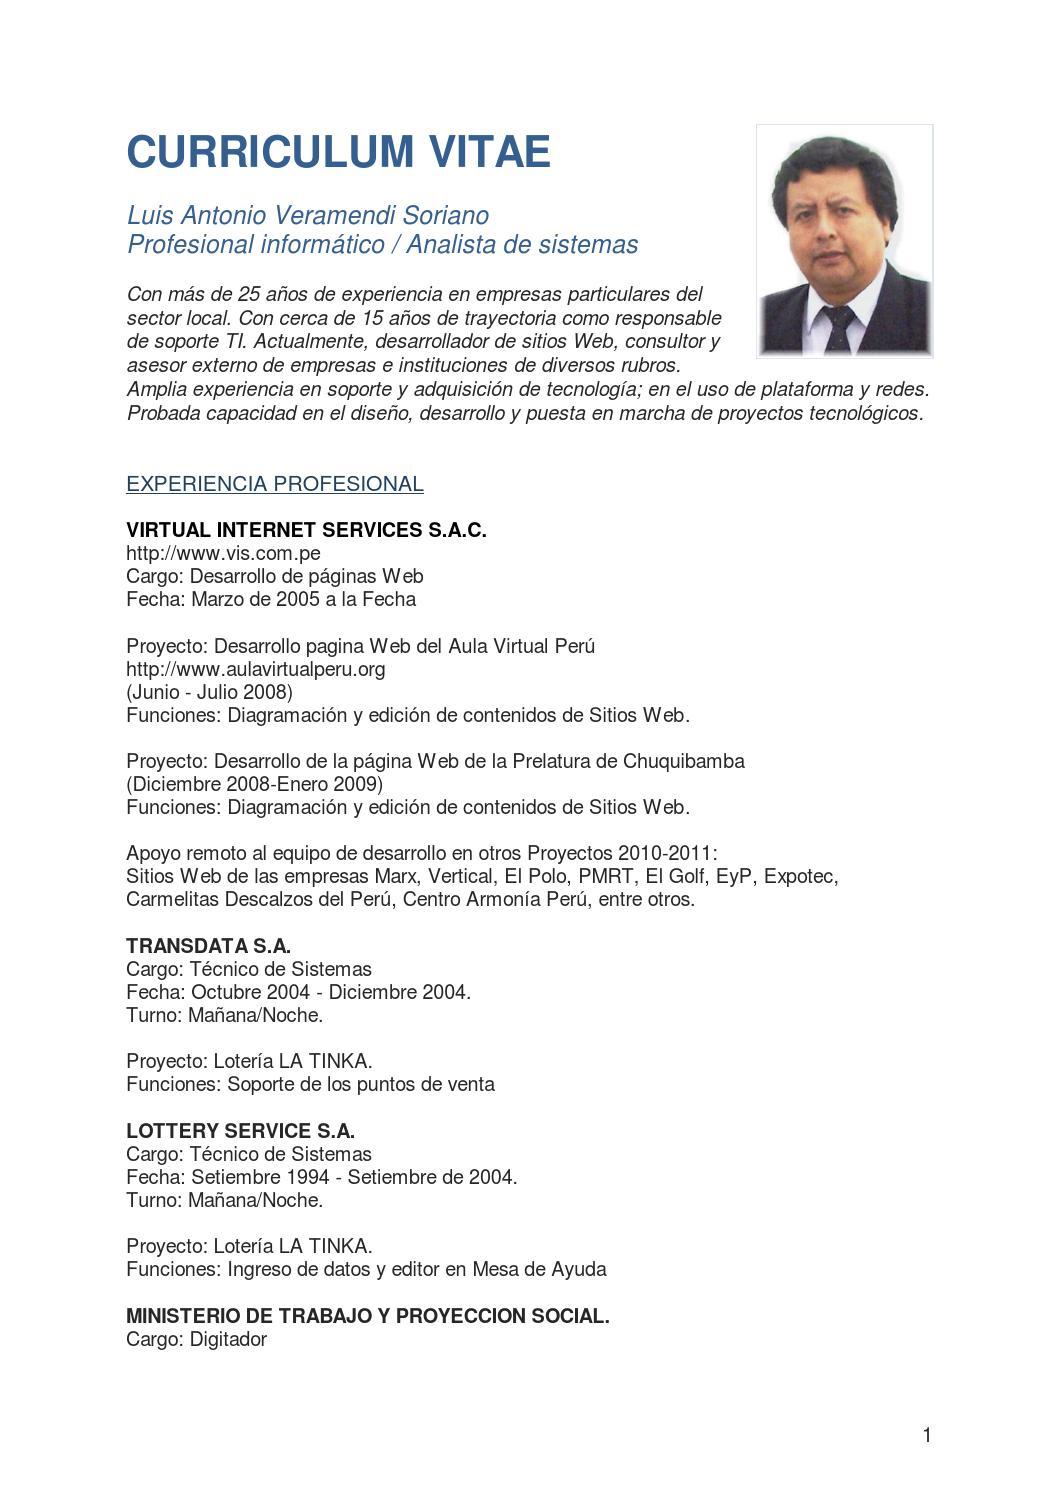 Cv luisveramendi by Luis Antonio Veramendi Soriano - issuu